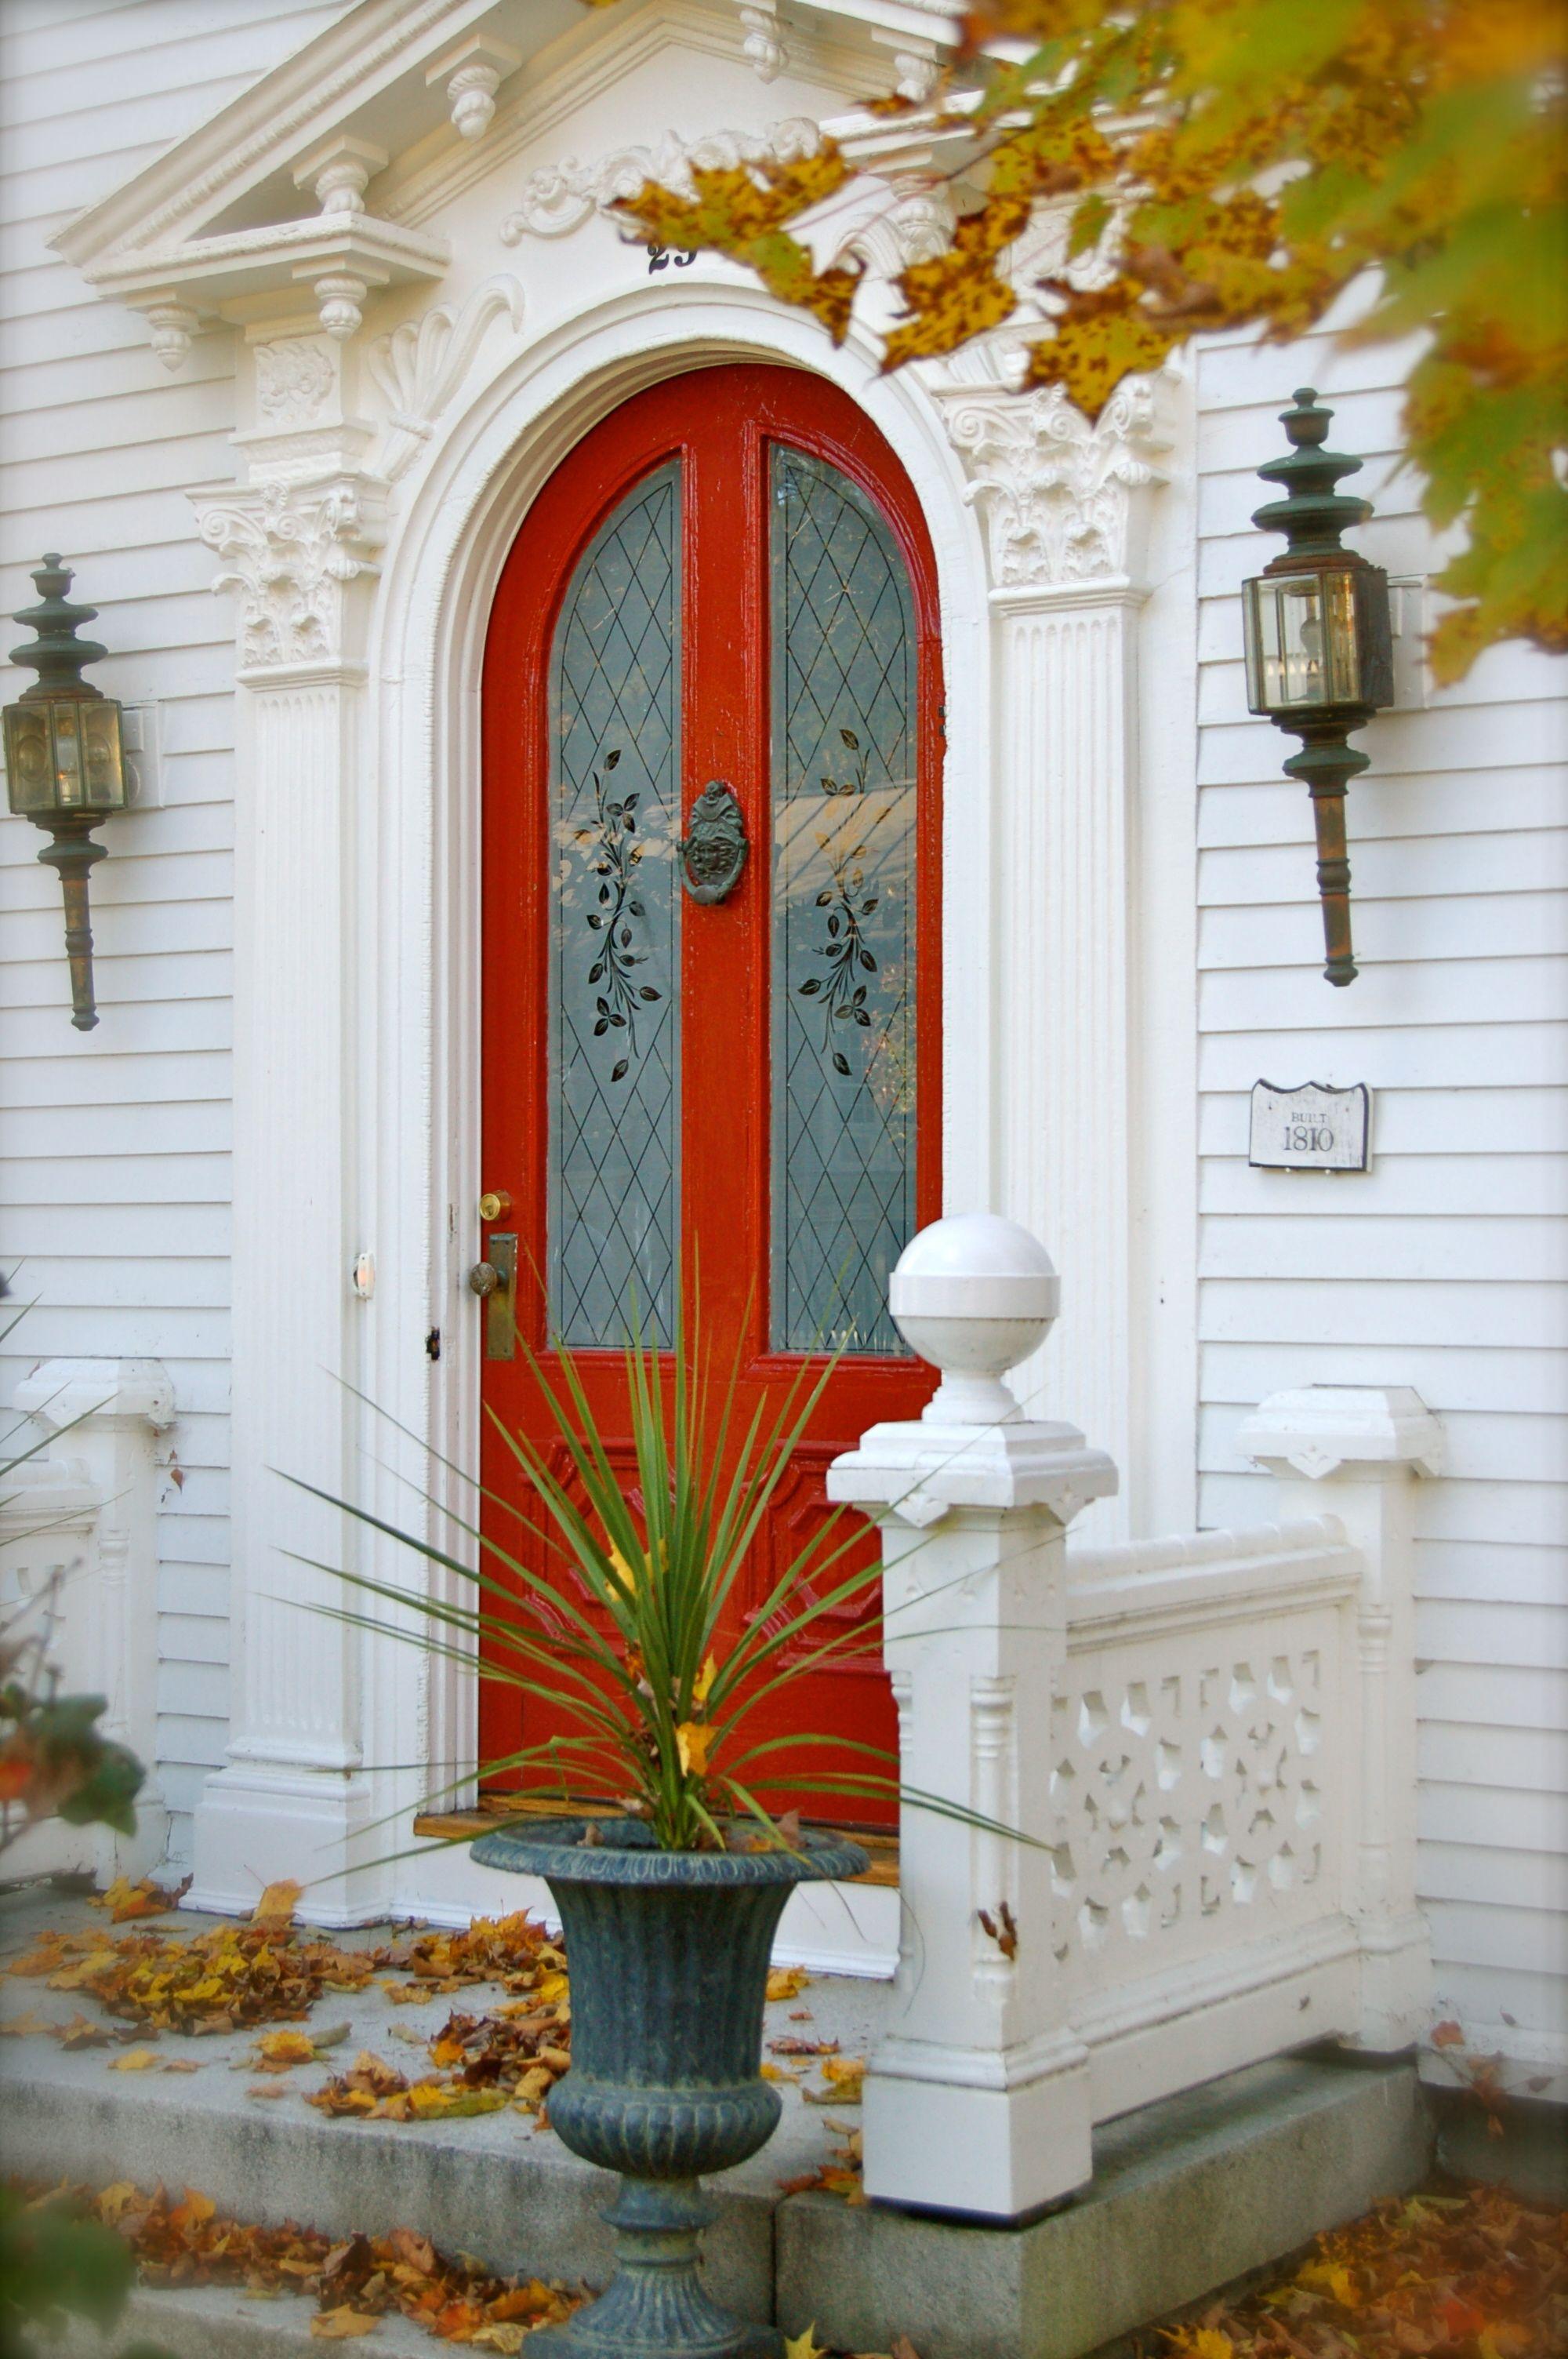 New england door doors doorways doors entrance - Doors for arched doorways ...